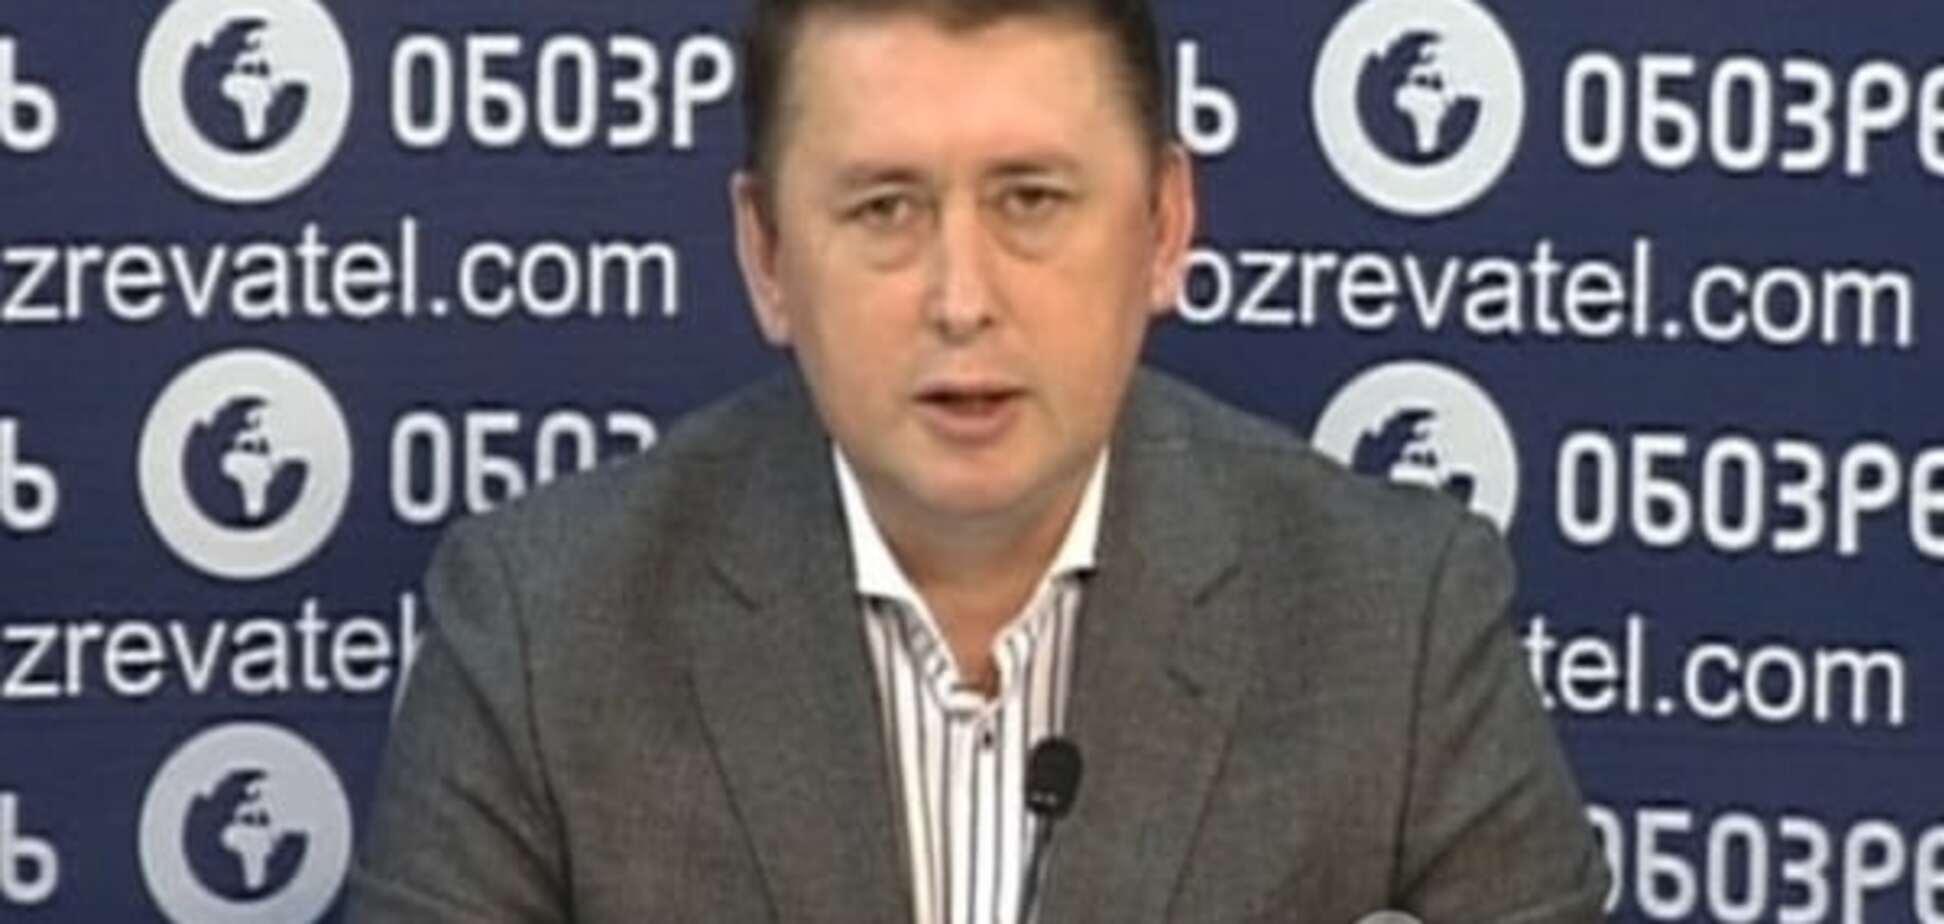 Мельниченко объяснил причину обысков в его доме: опубликован документ